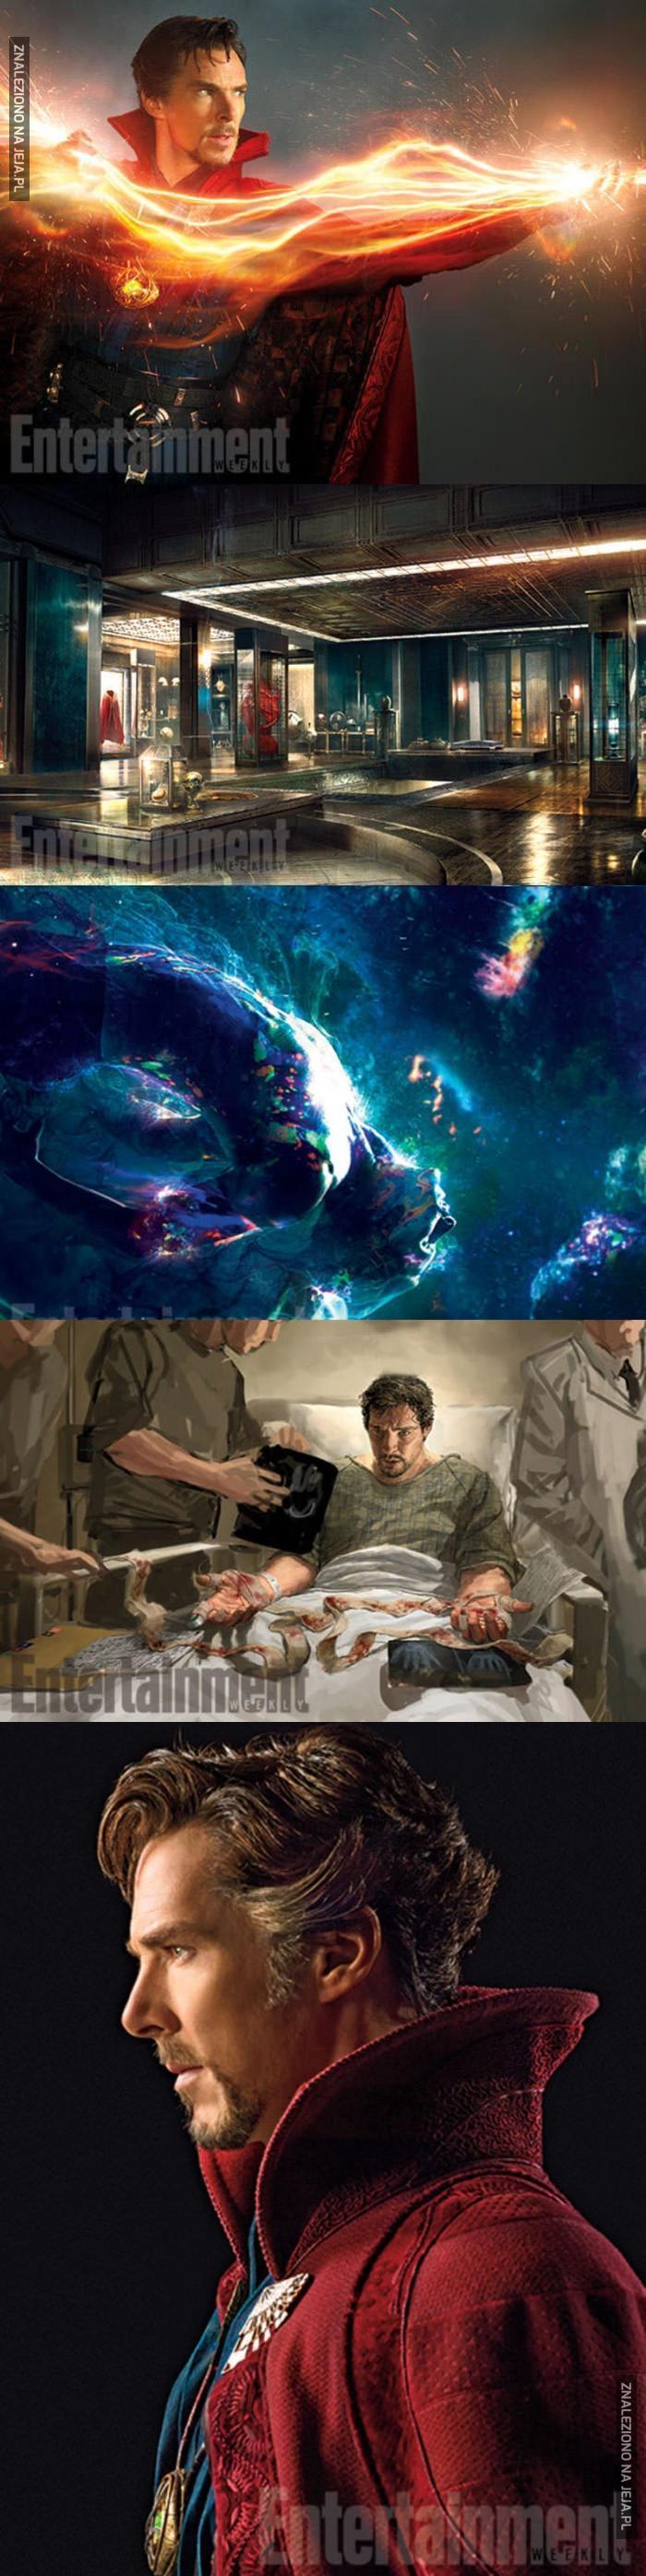 Zdjęcia z planu Doktora Strange'a